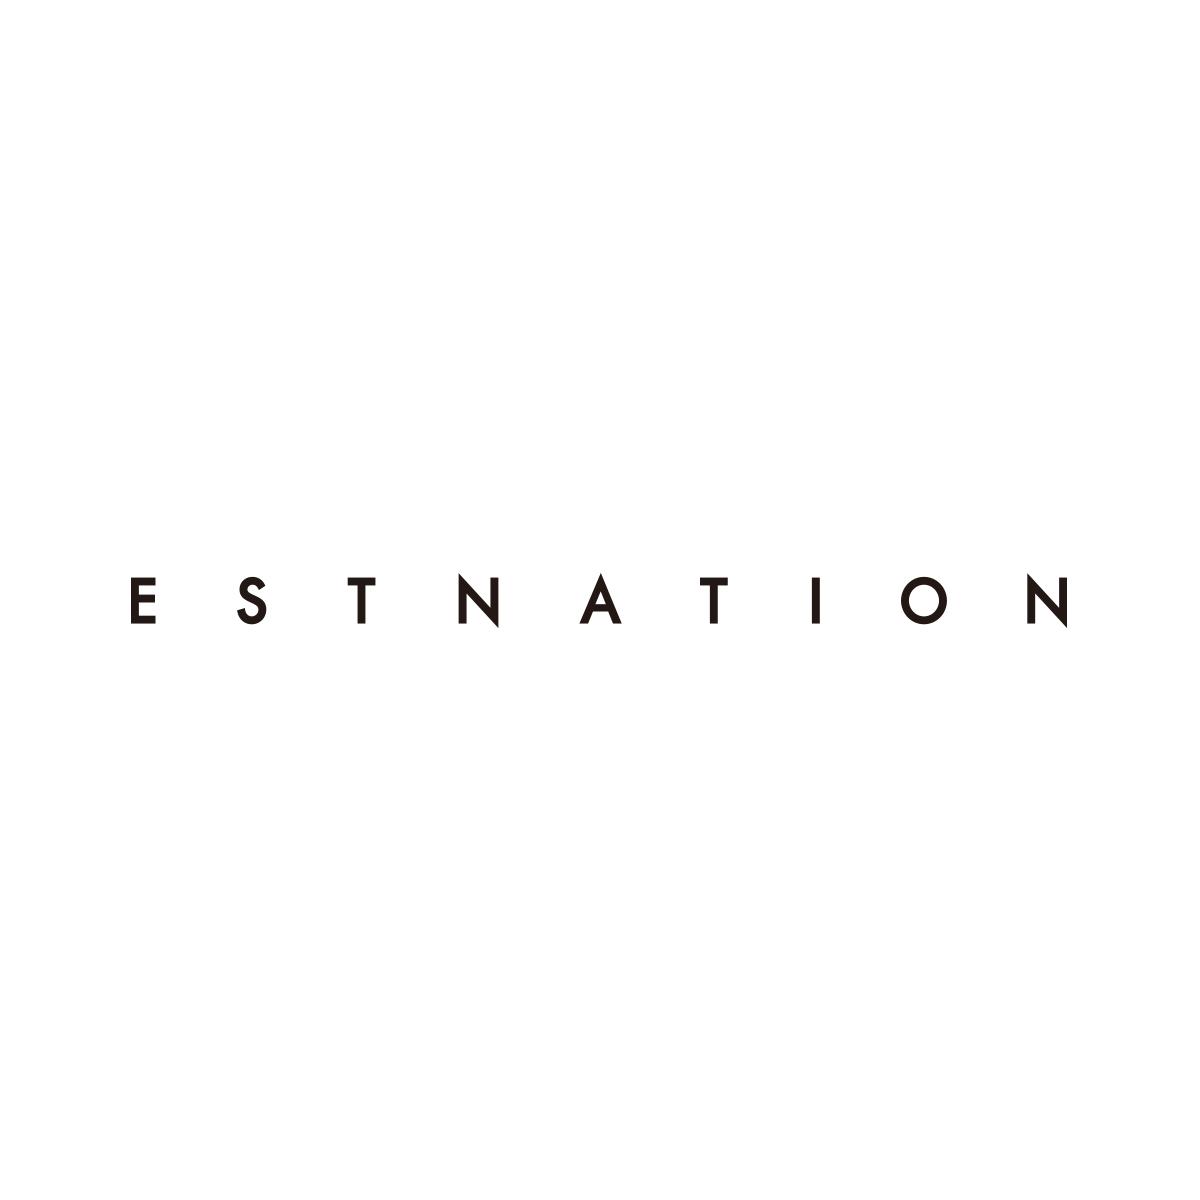 株式会社サザビーリーグ エストネーションカンパニーのロゴ写真